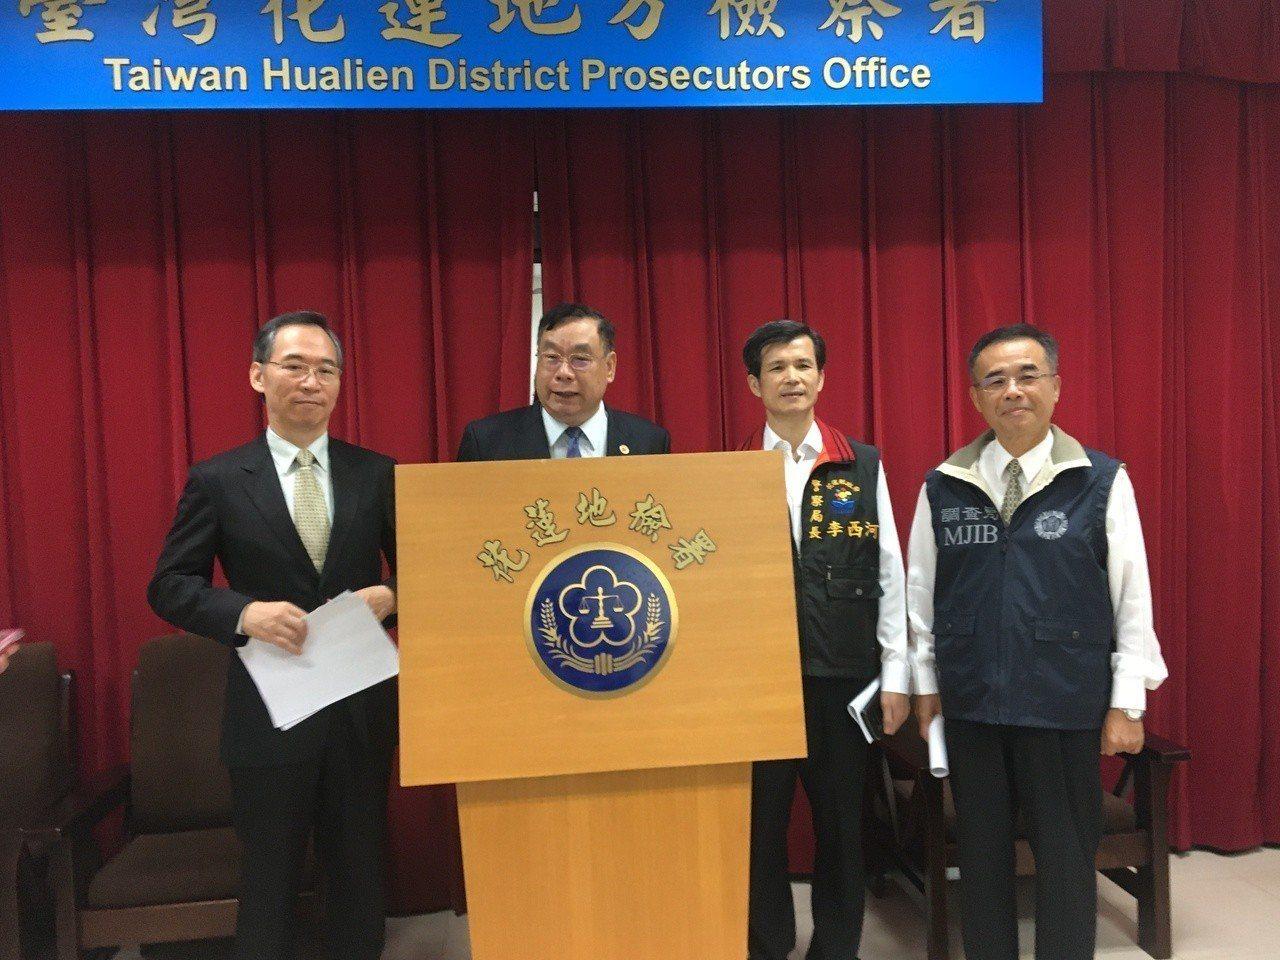 花蓮檢、警、調首長今天共同宣布偵辦賄選案件成果。記者徐庭揚/攝影